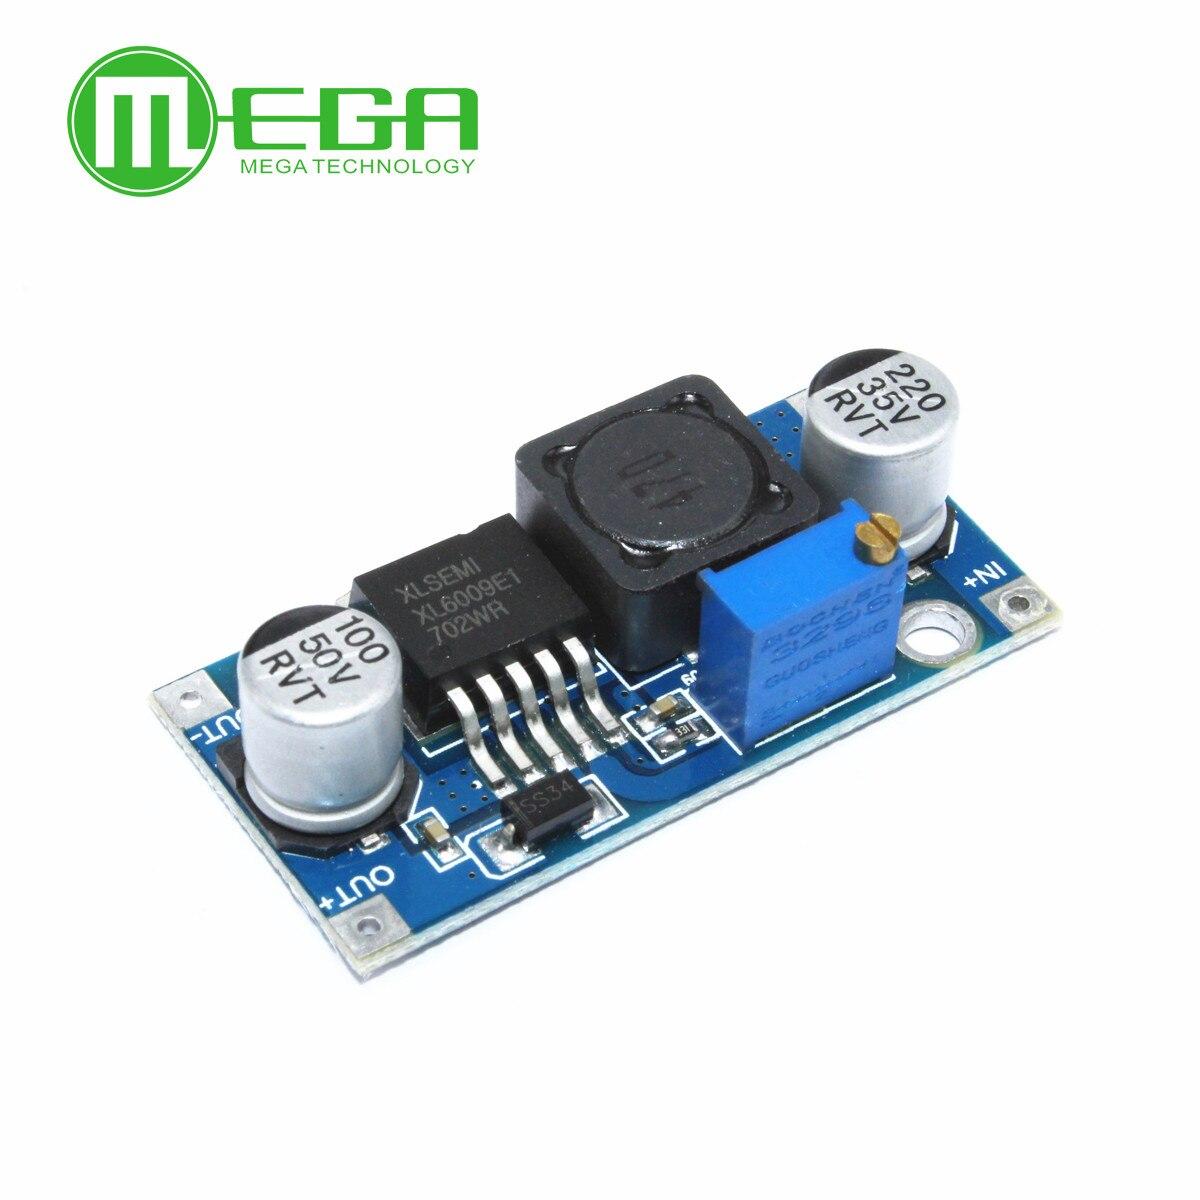 Xl6009 DC-DC impulsionador módulo de alimentação módulo de saída é ajustável super lm2577 step-up módulo